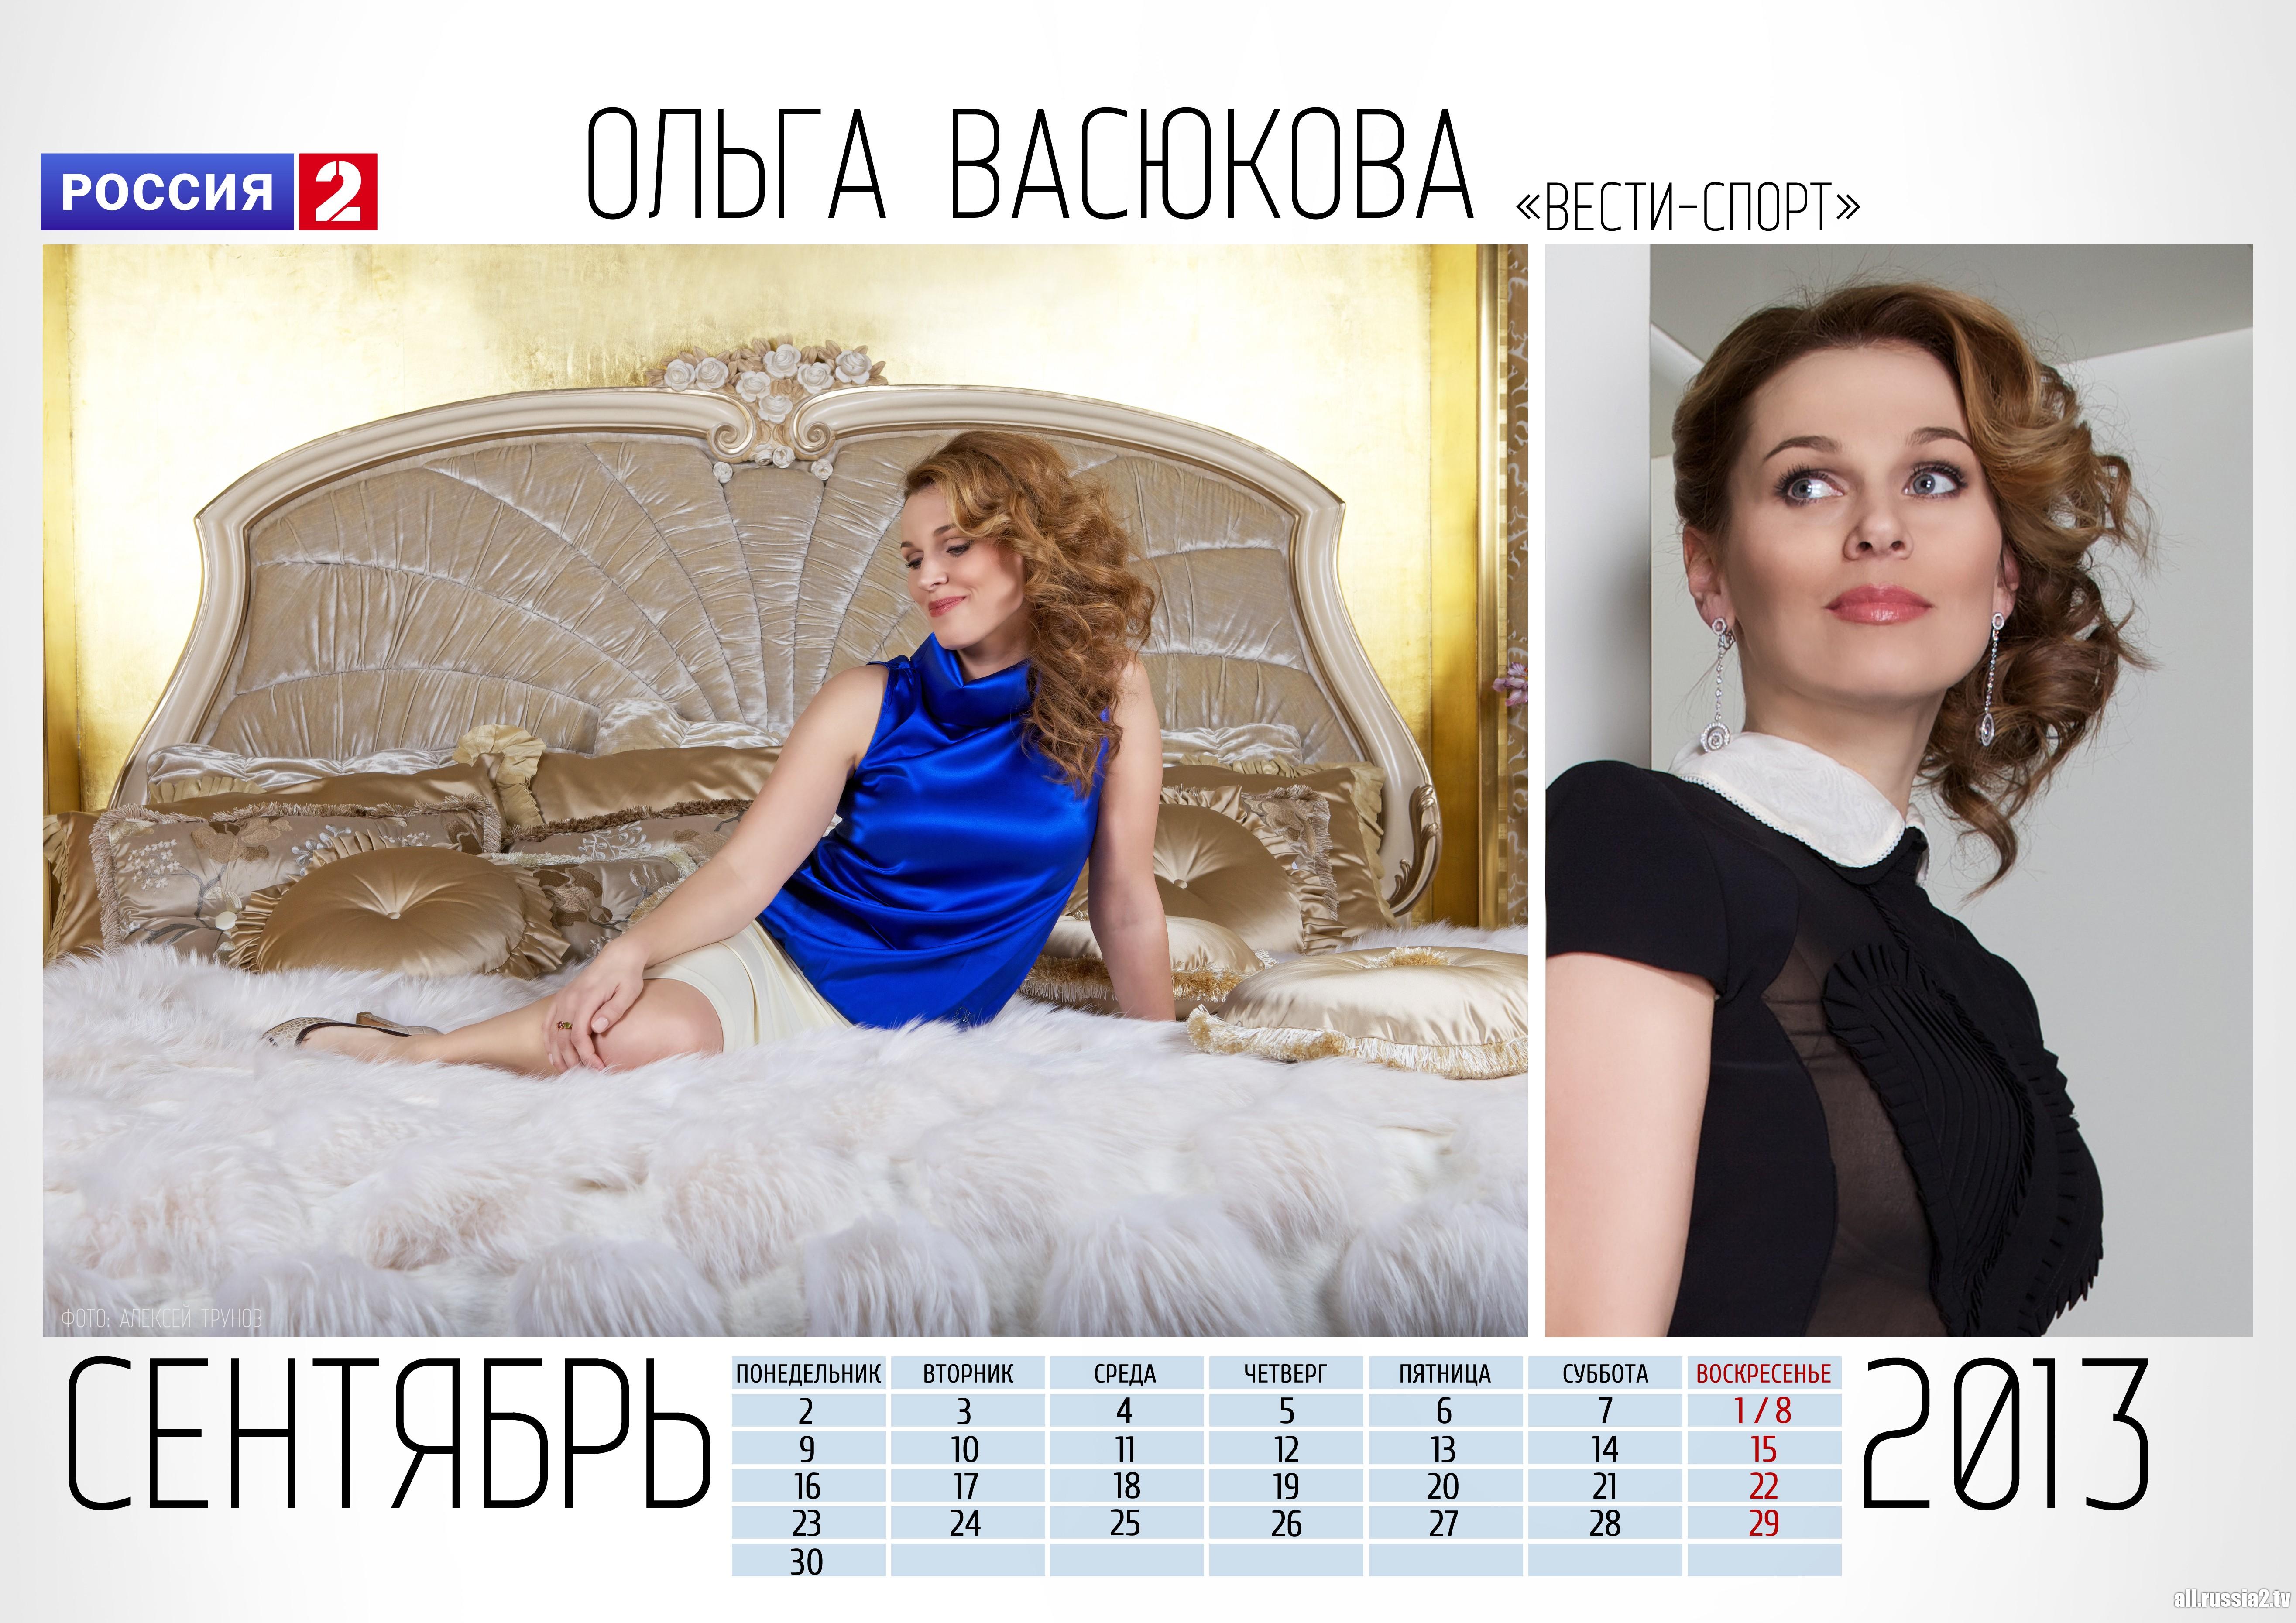 Сентябрь, Ольга Васюкова, Вести-Спорт.